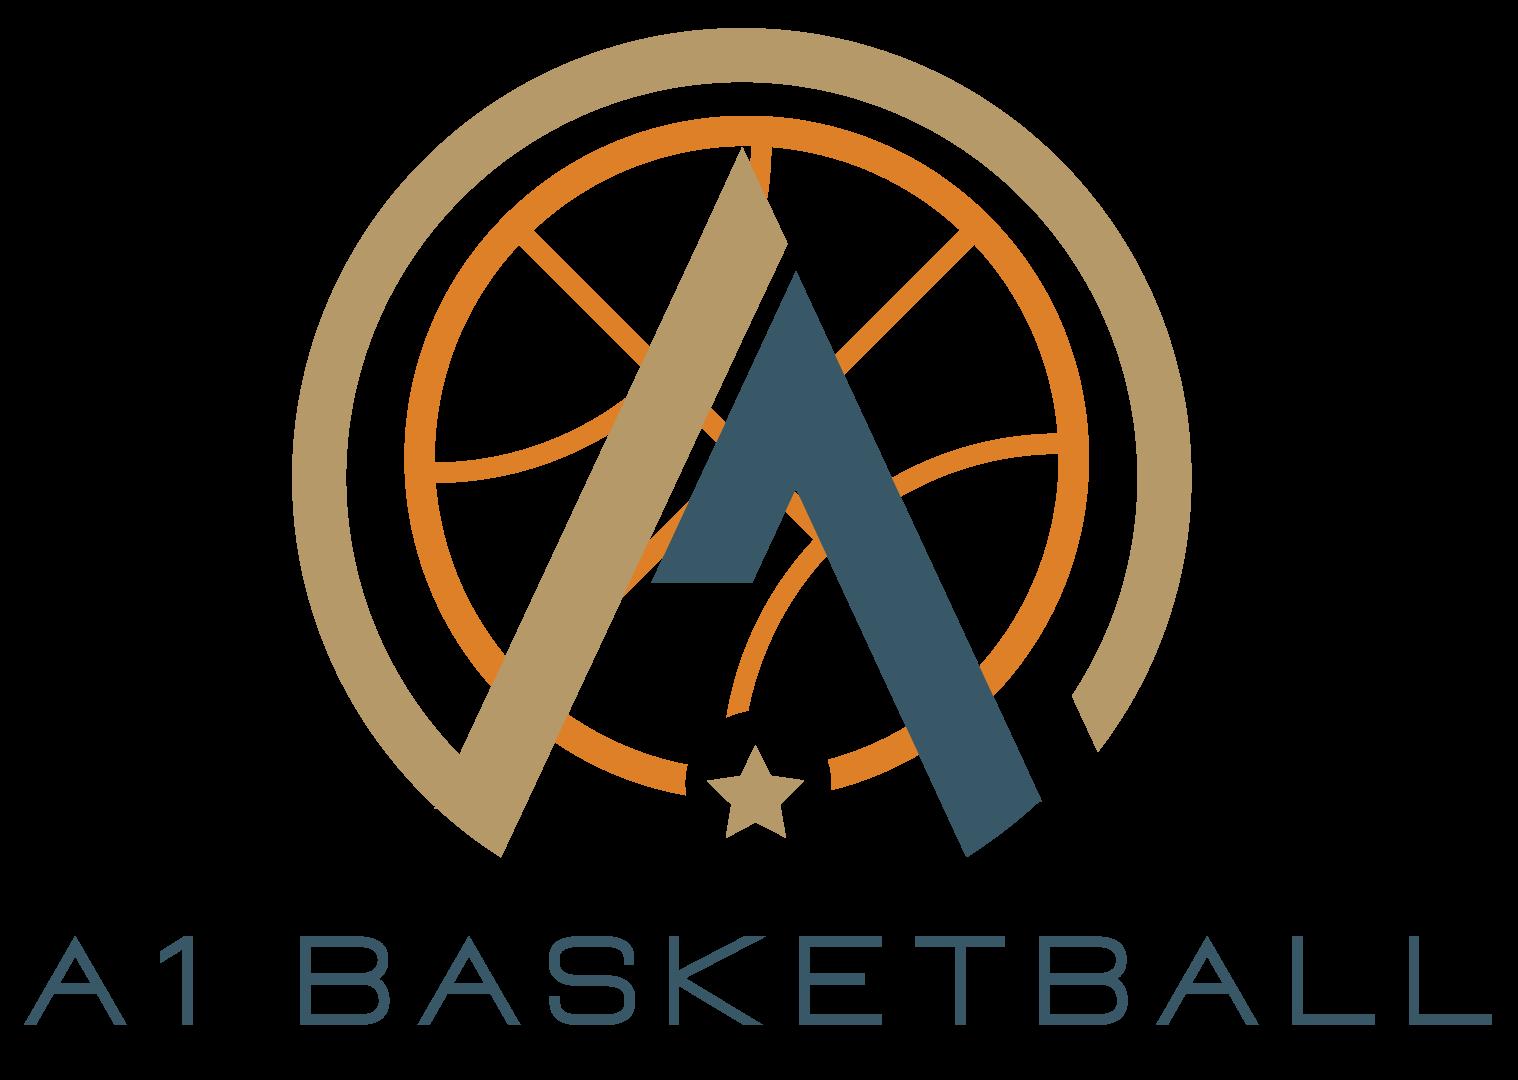 A1 Basketball & Fitness - Camden